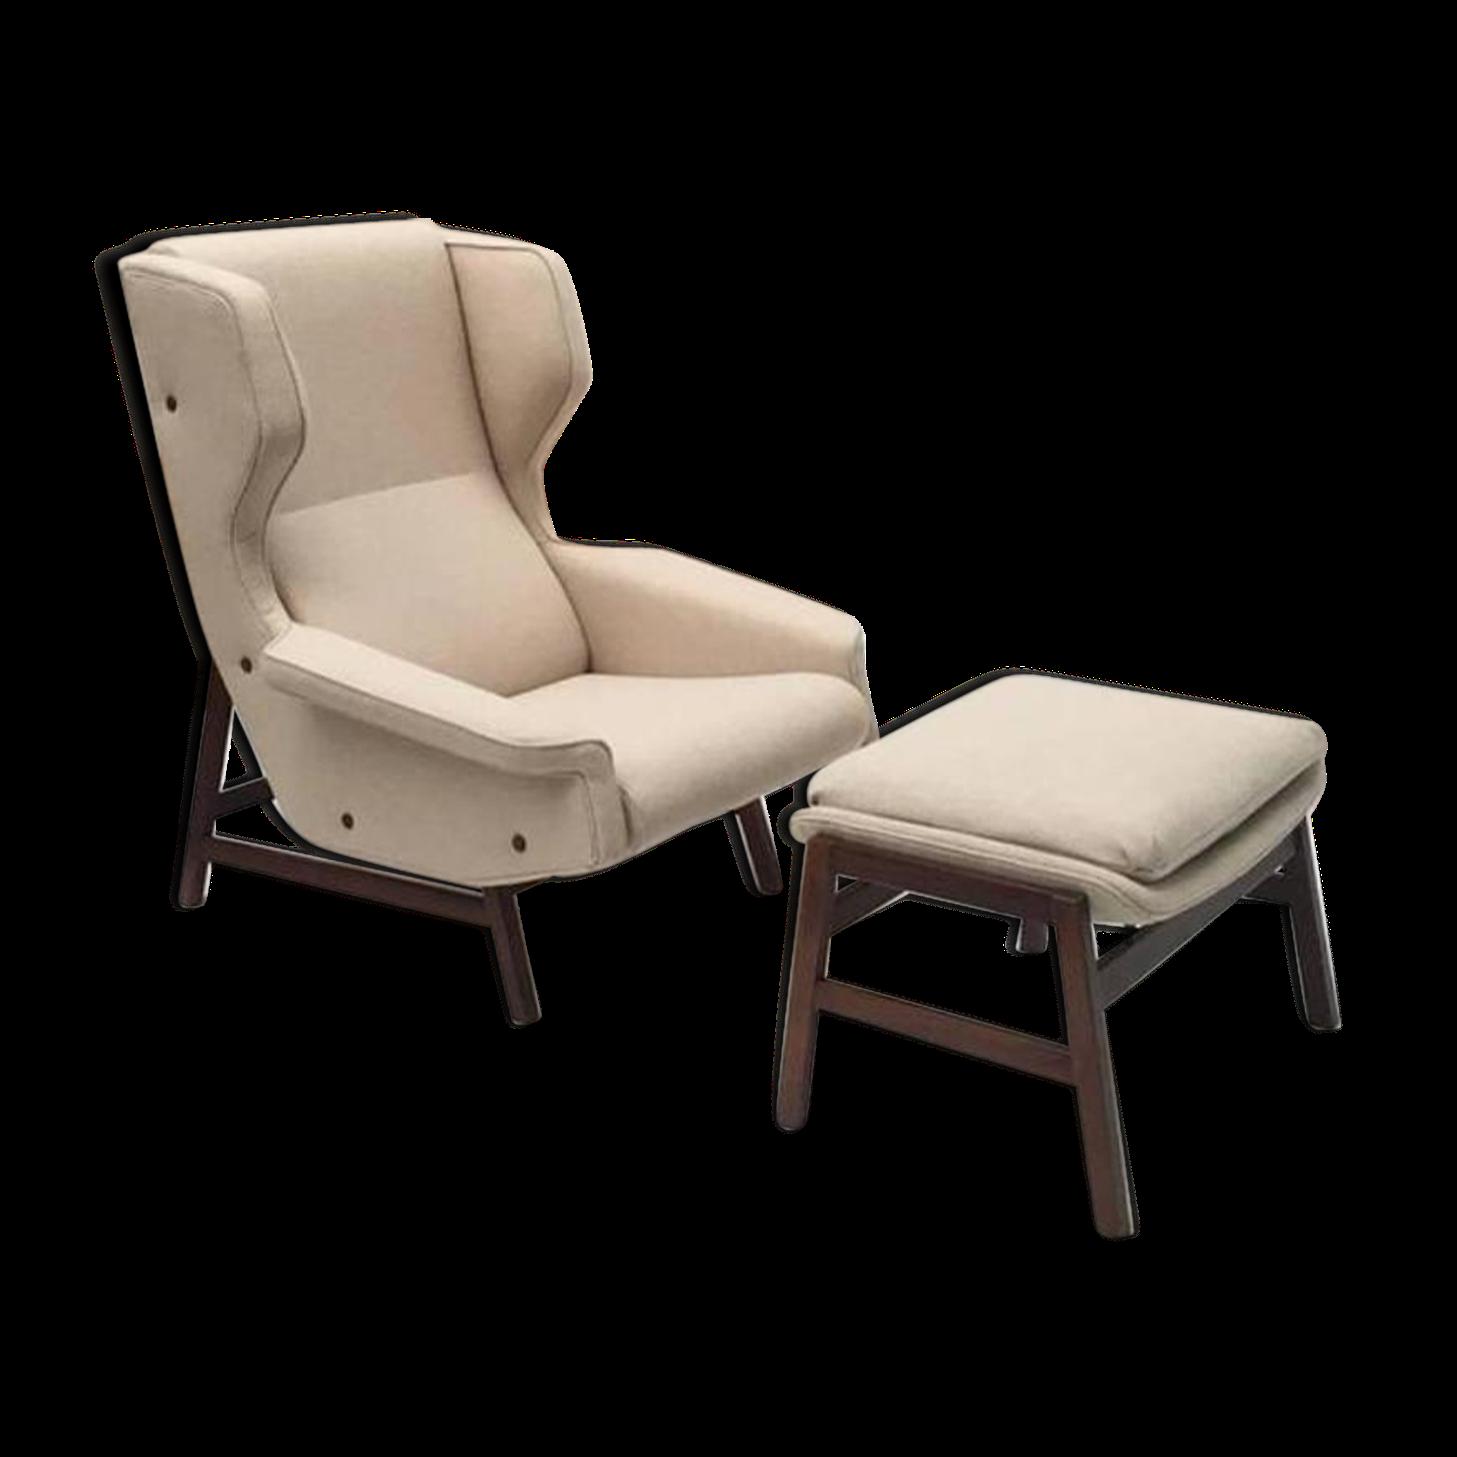 Fauteuil Lounge Et Ottomane Modèle 877 En Palissandre Par Gianfranco  Frattini Pour Cassina 1959